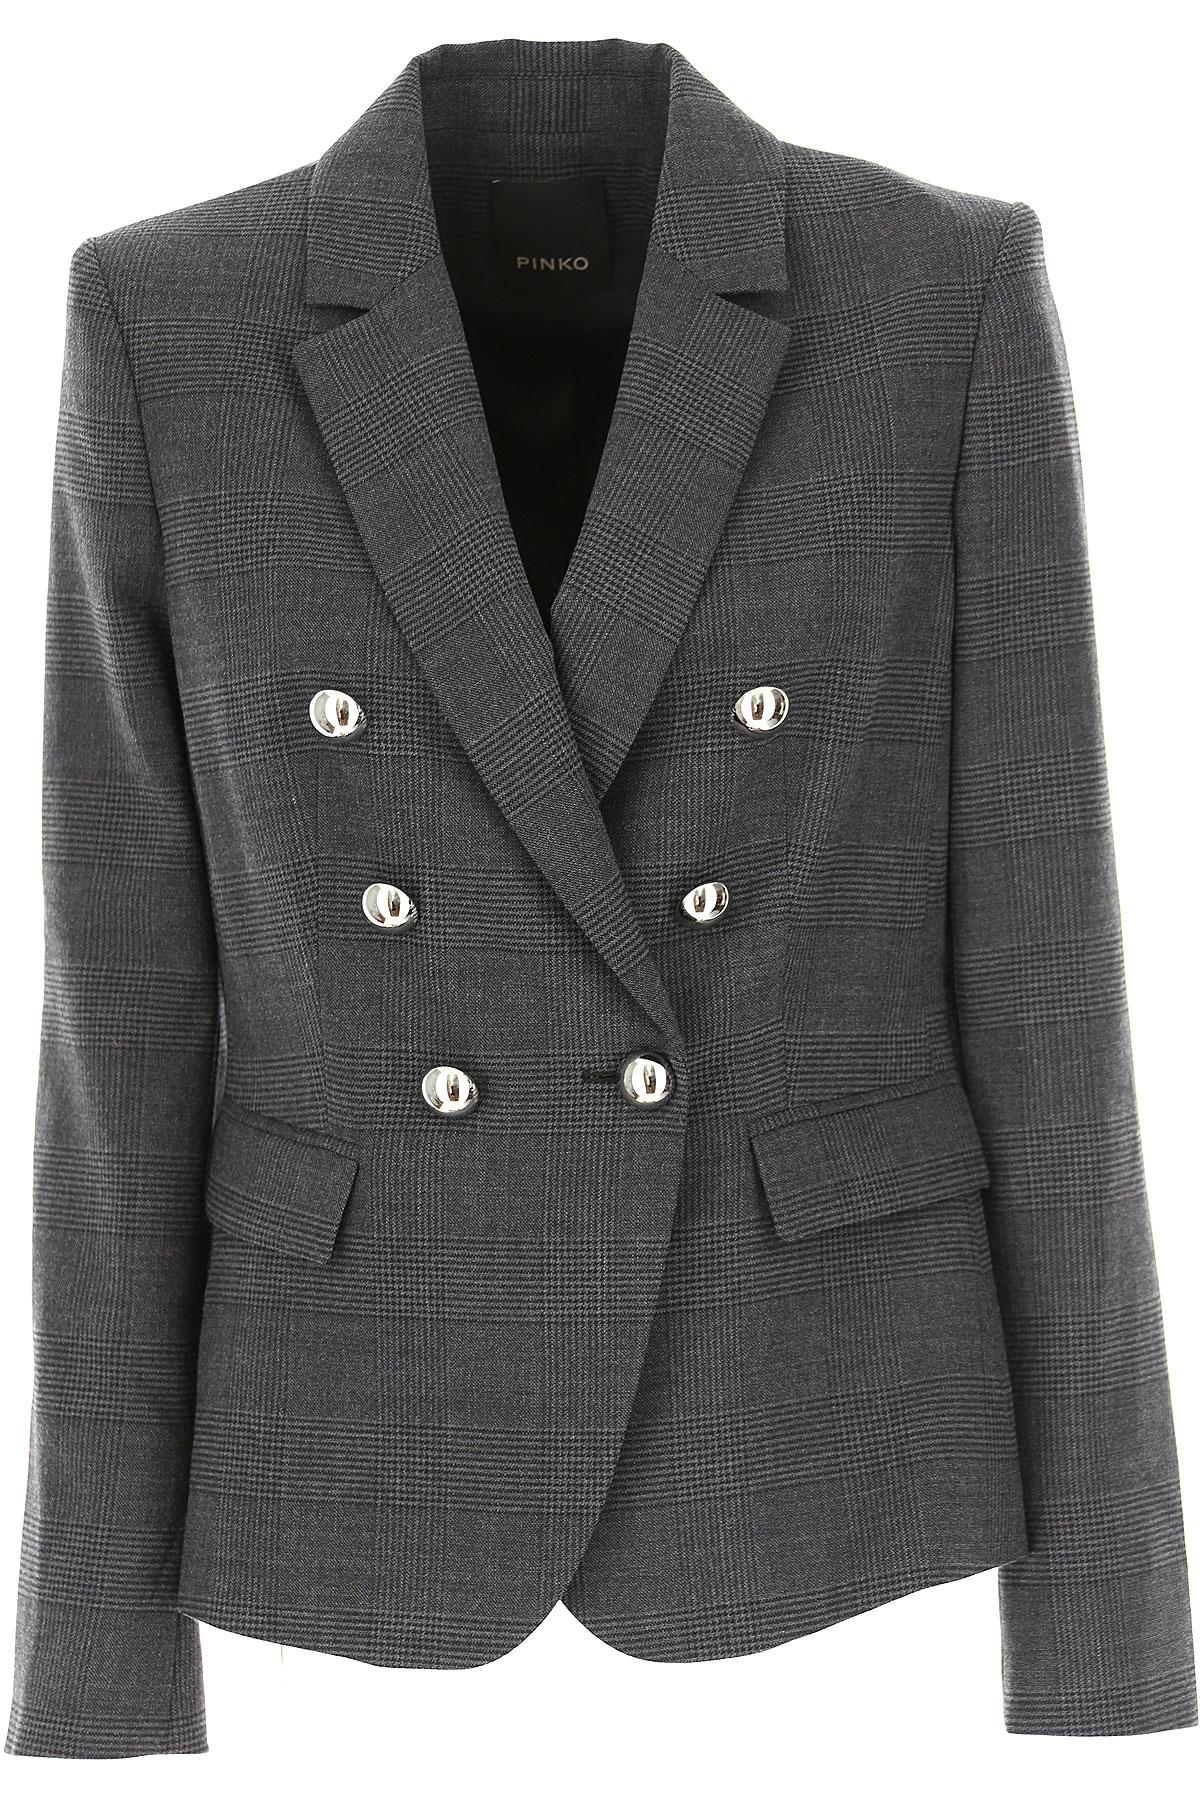 Pinko Blazer for Women On Sale, Dark Grey, polyester, 2019, 6 8